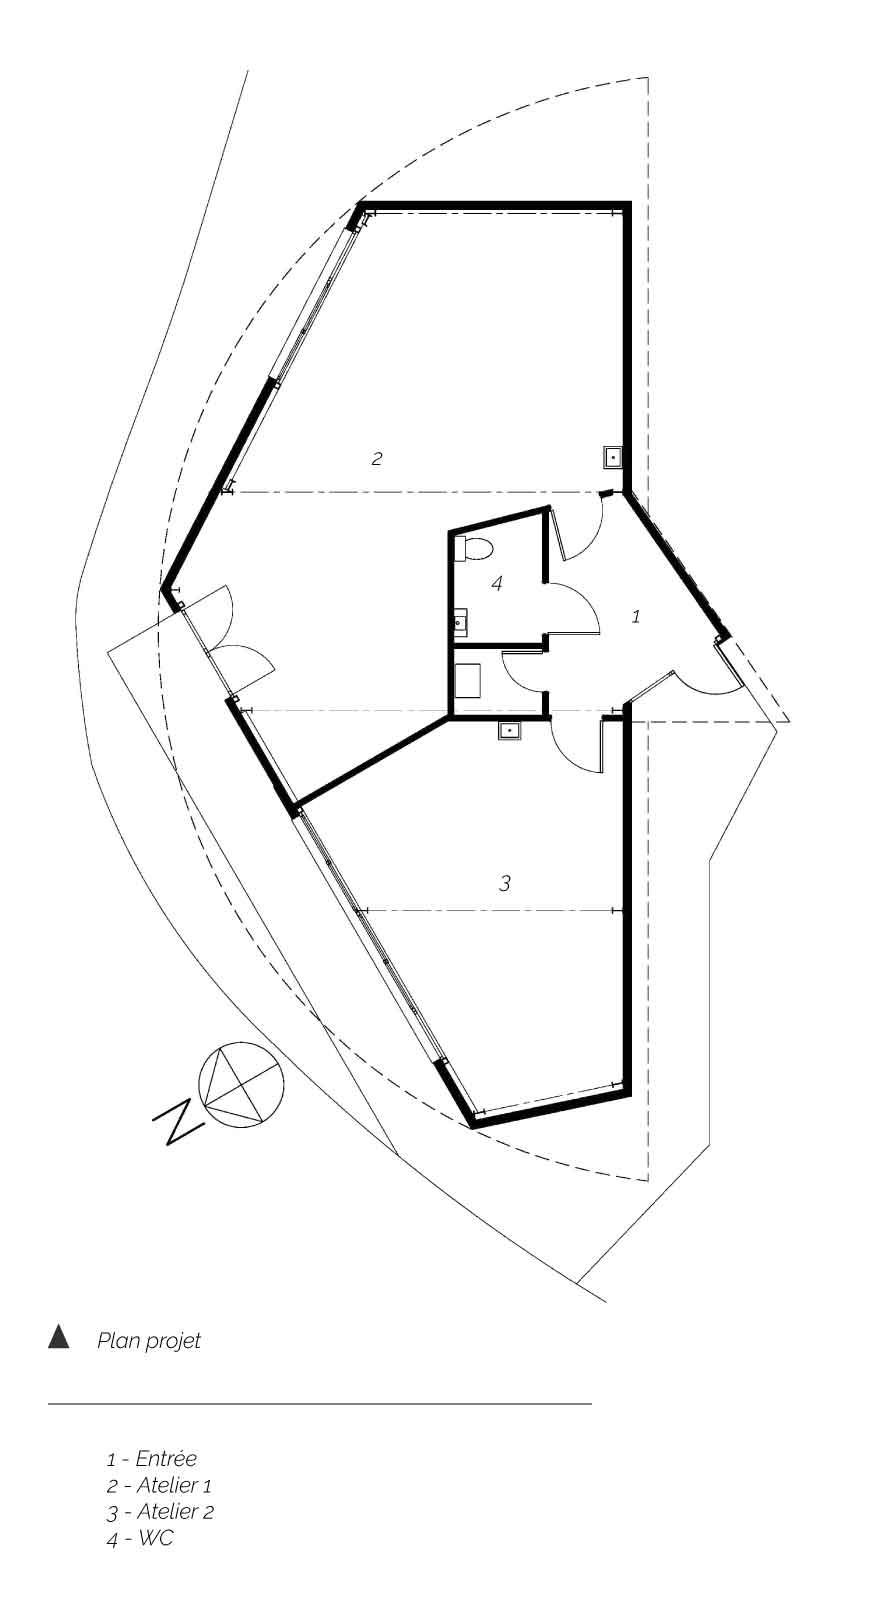 Plan de l'atelier pédagogique